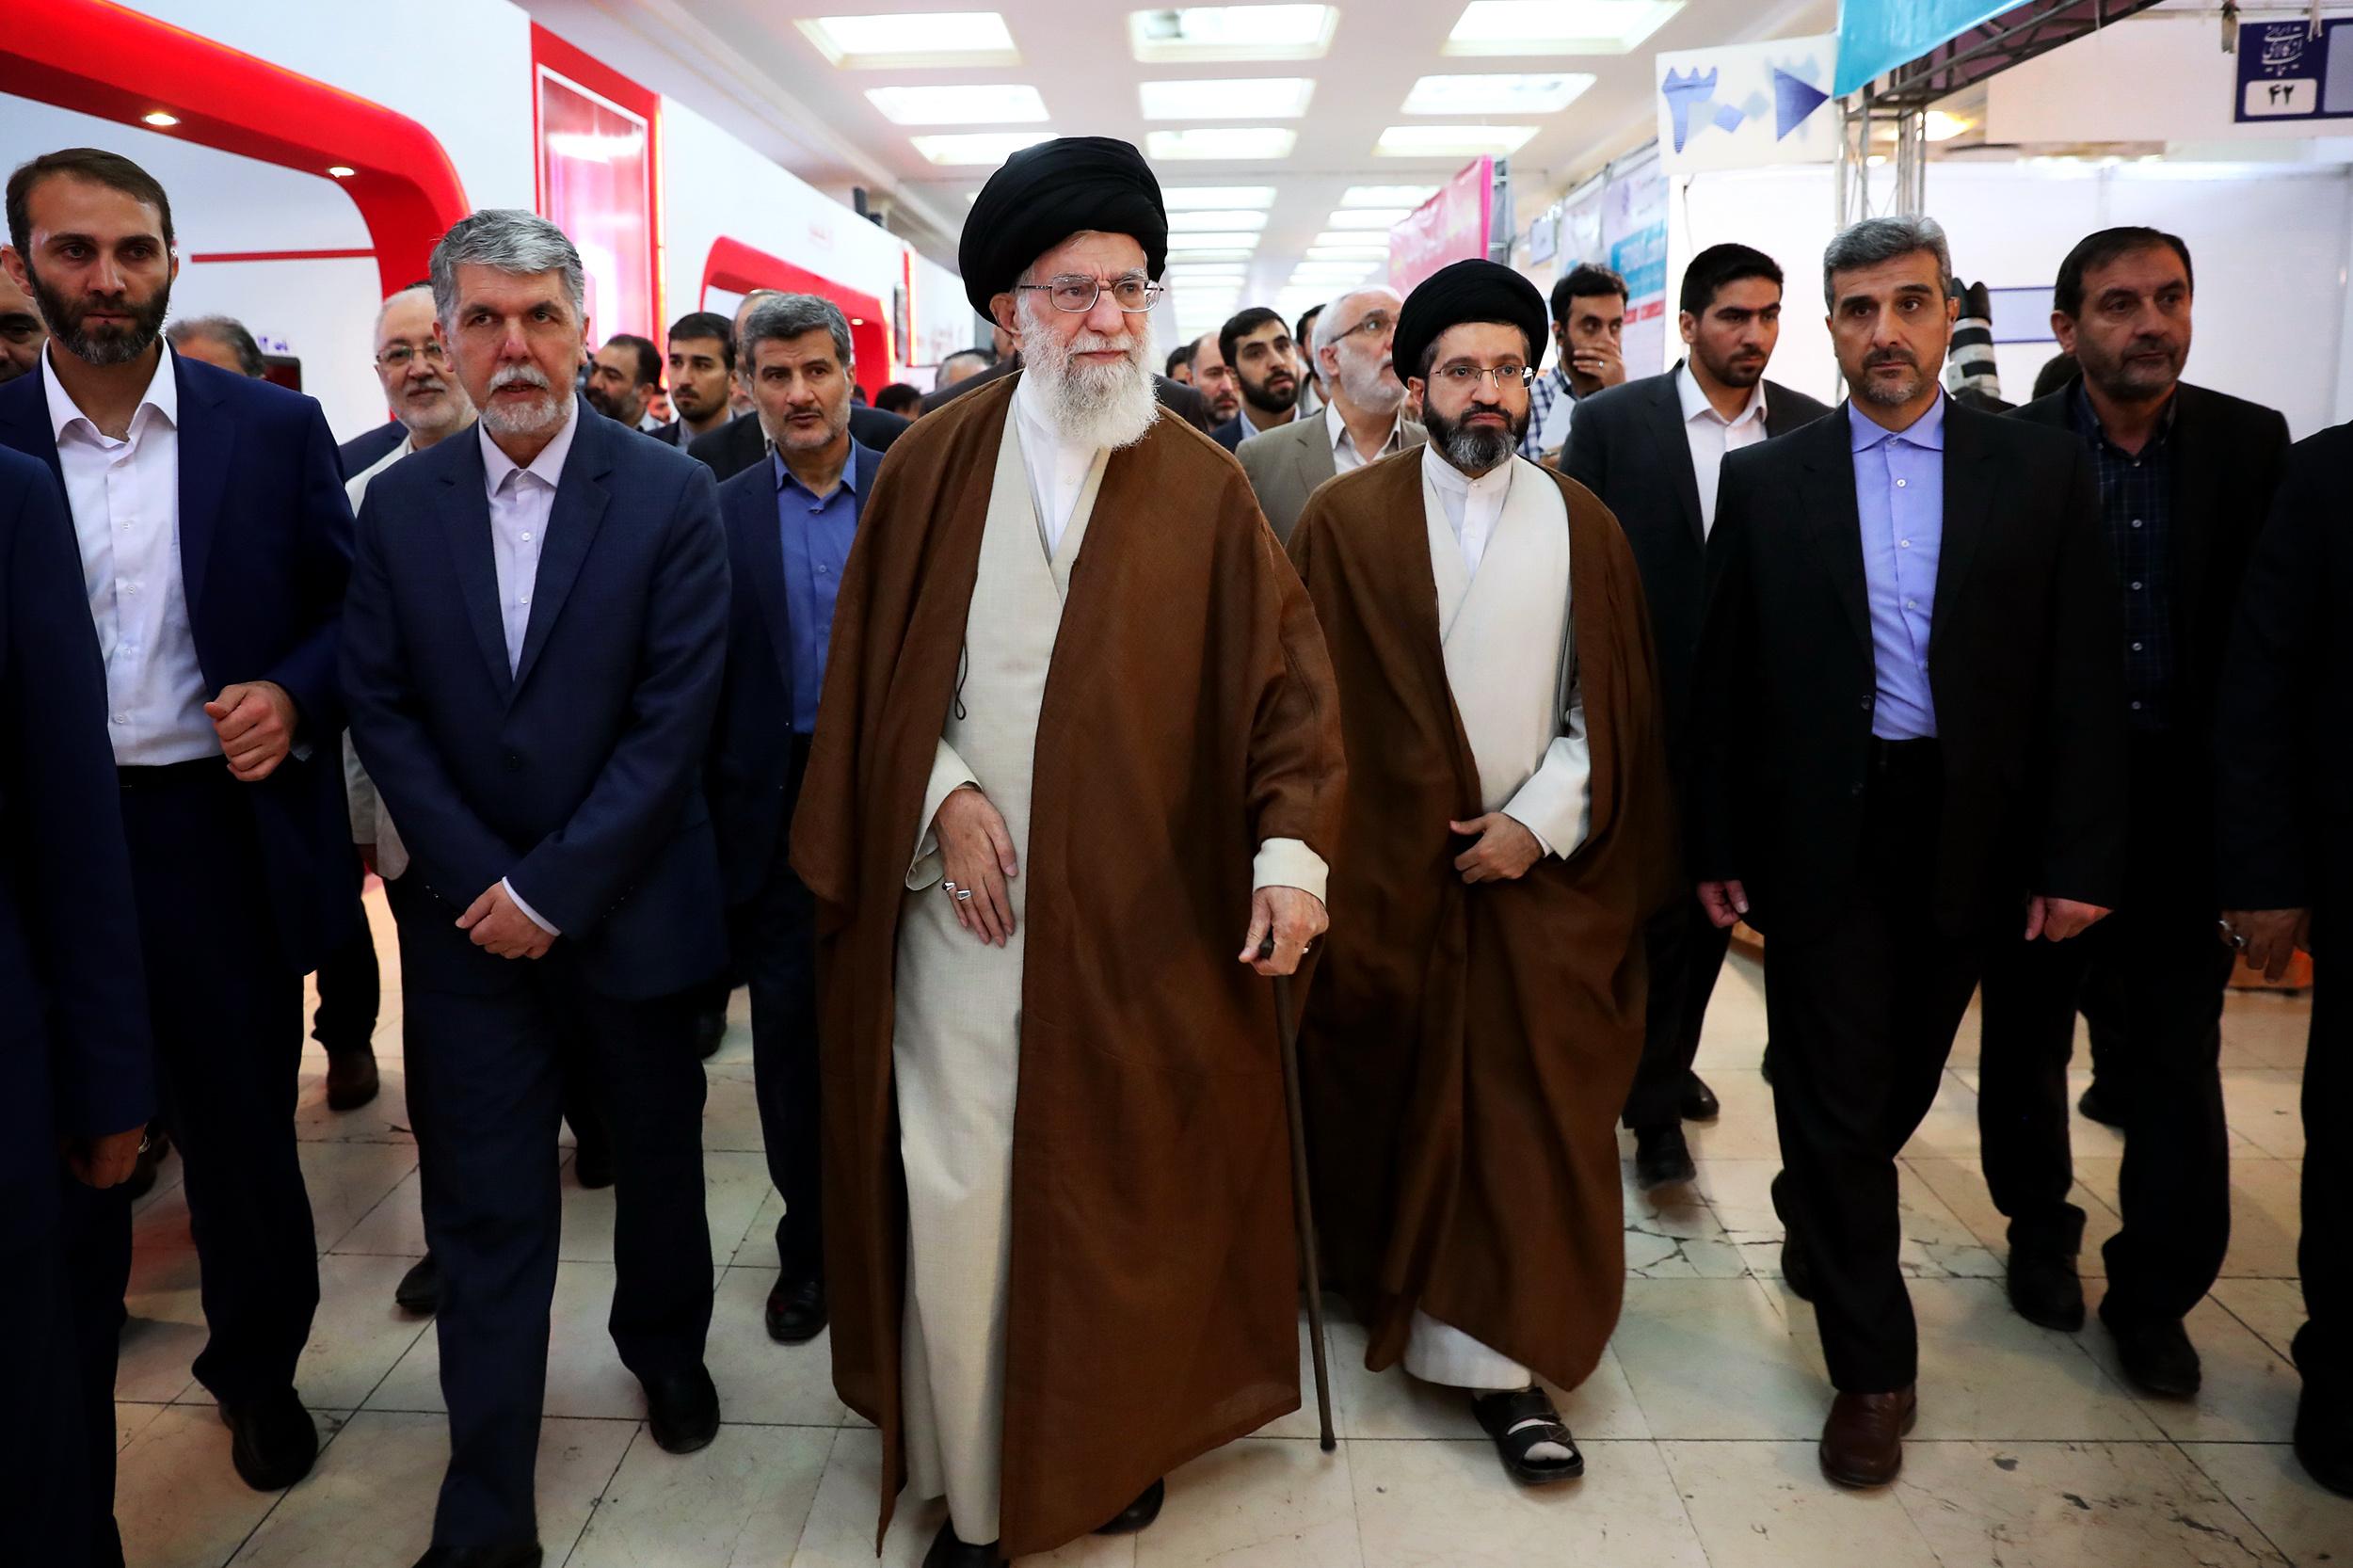 بازدید مقام معظم رهبری از نمایشگاه کتاب تهران